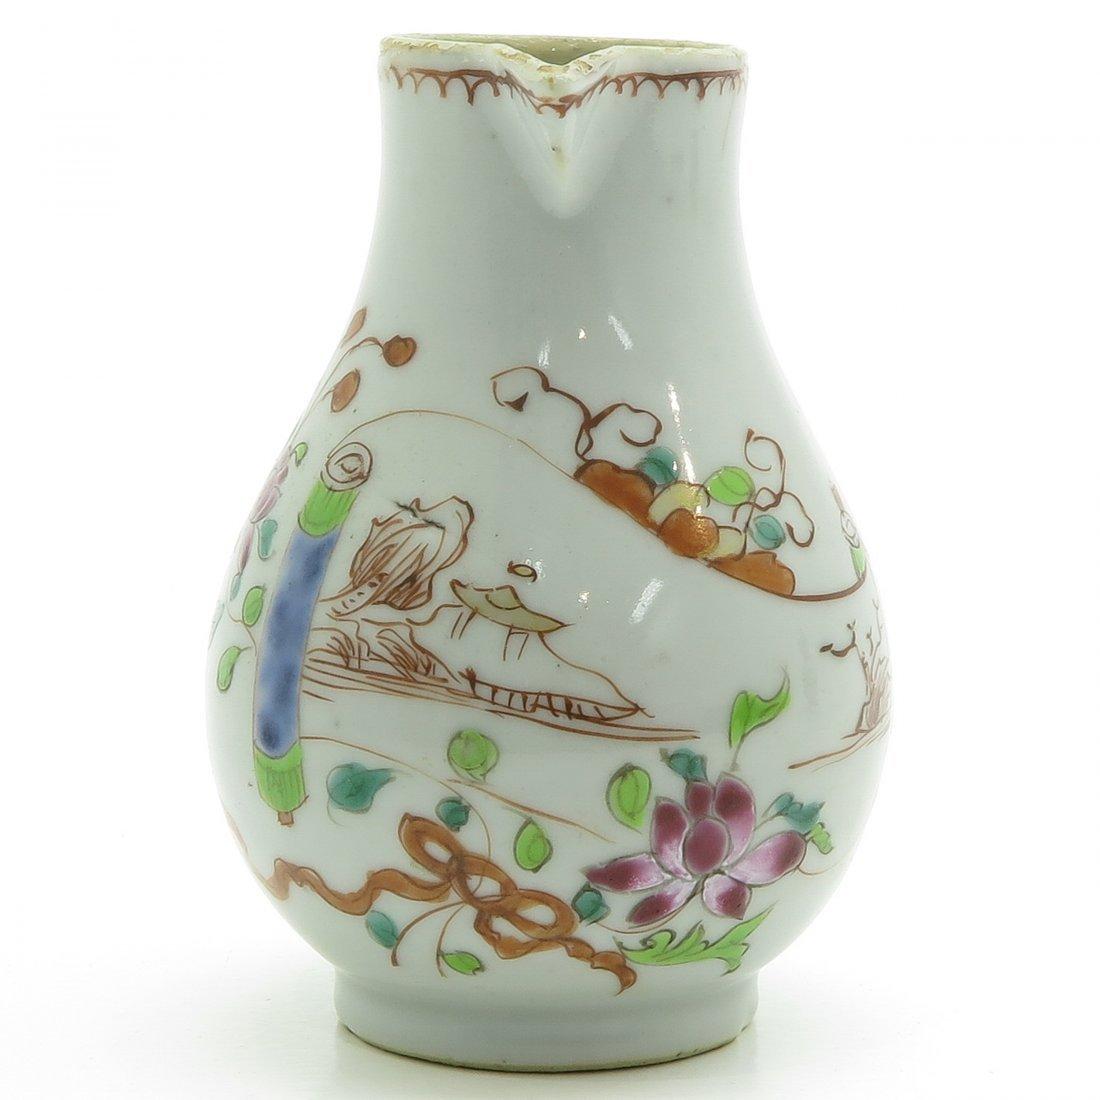 China Porcelain Pitcher Circa 1800 - 4